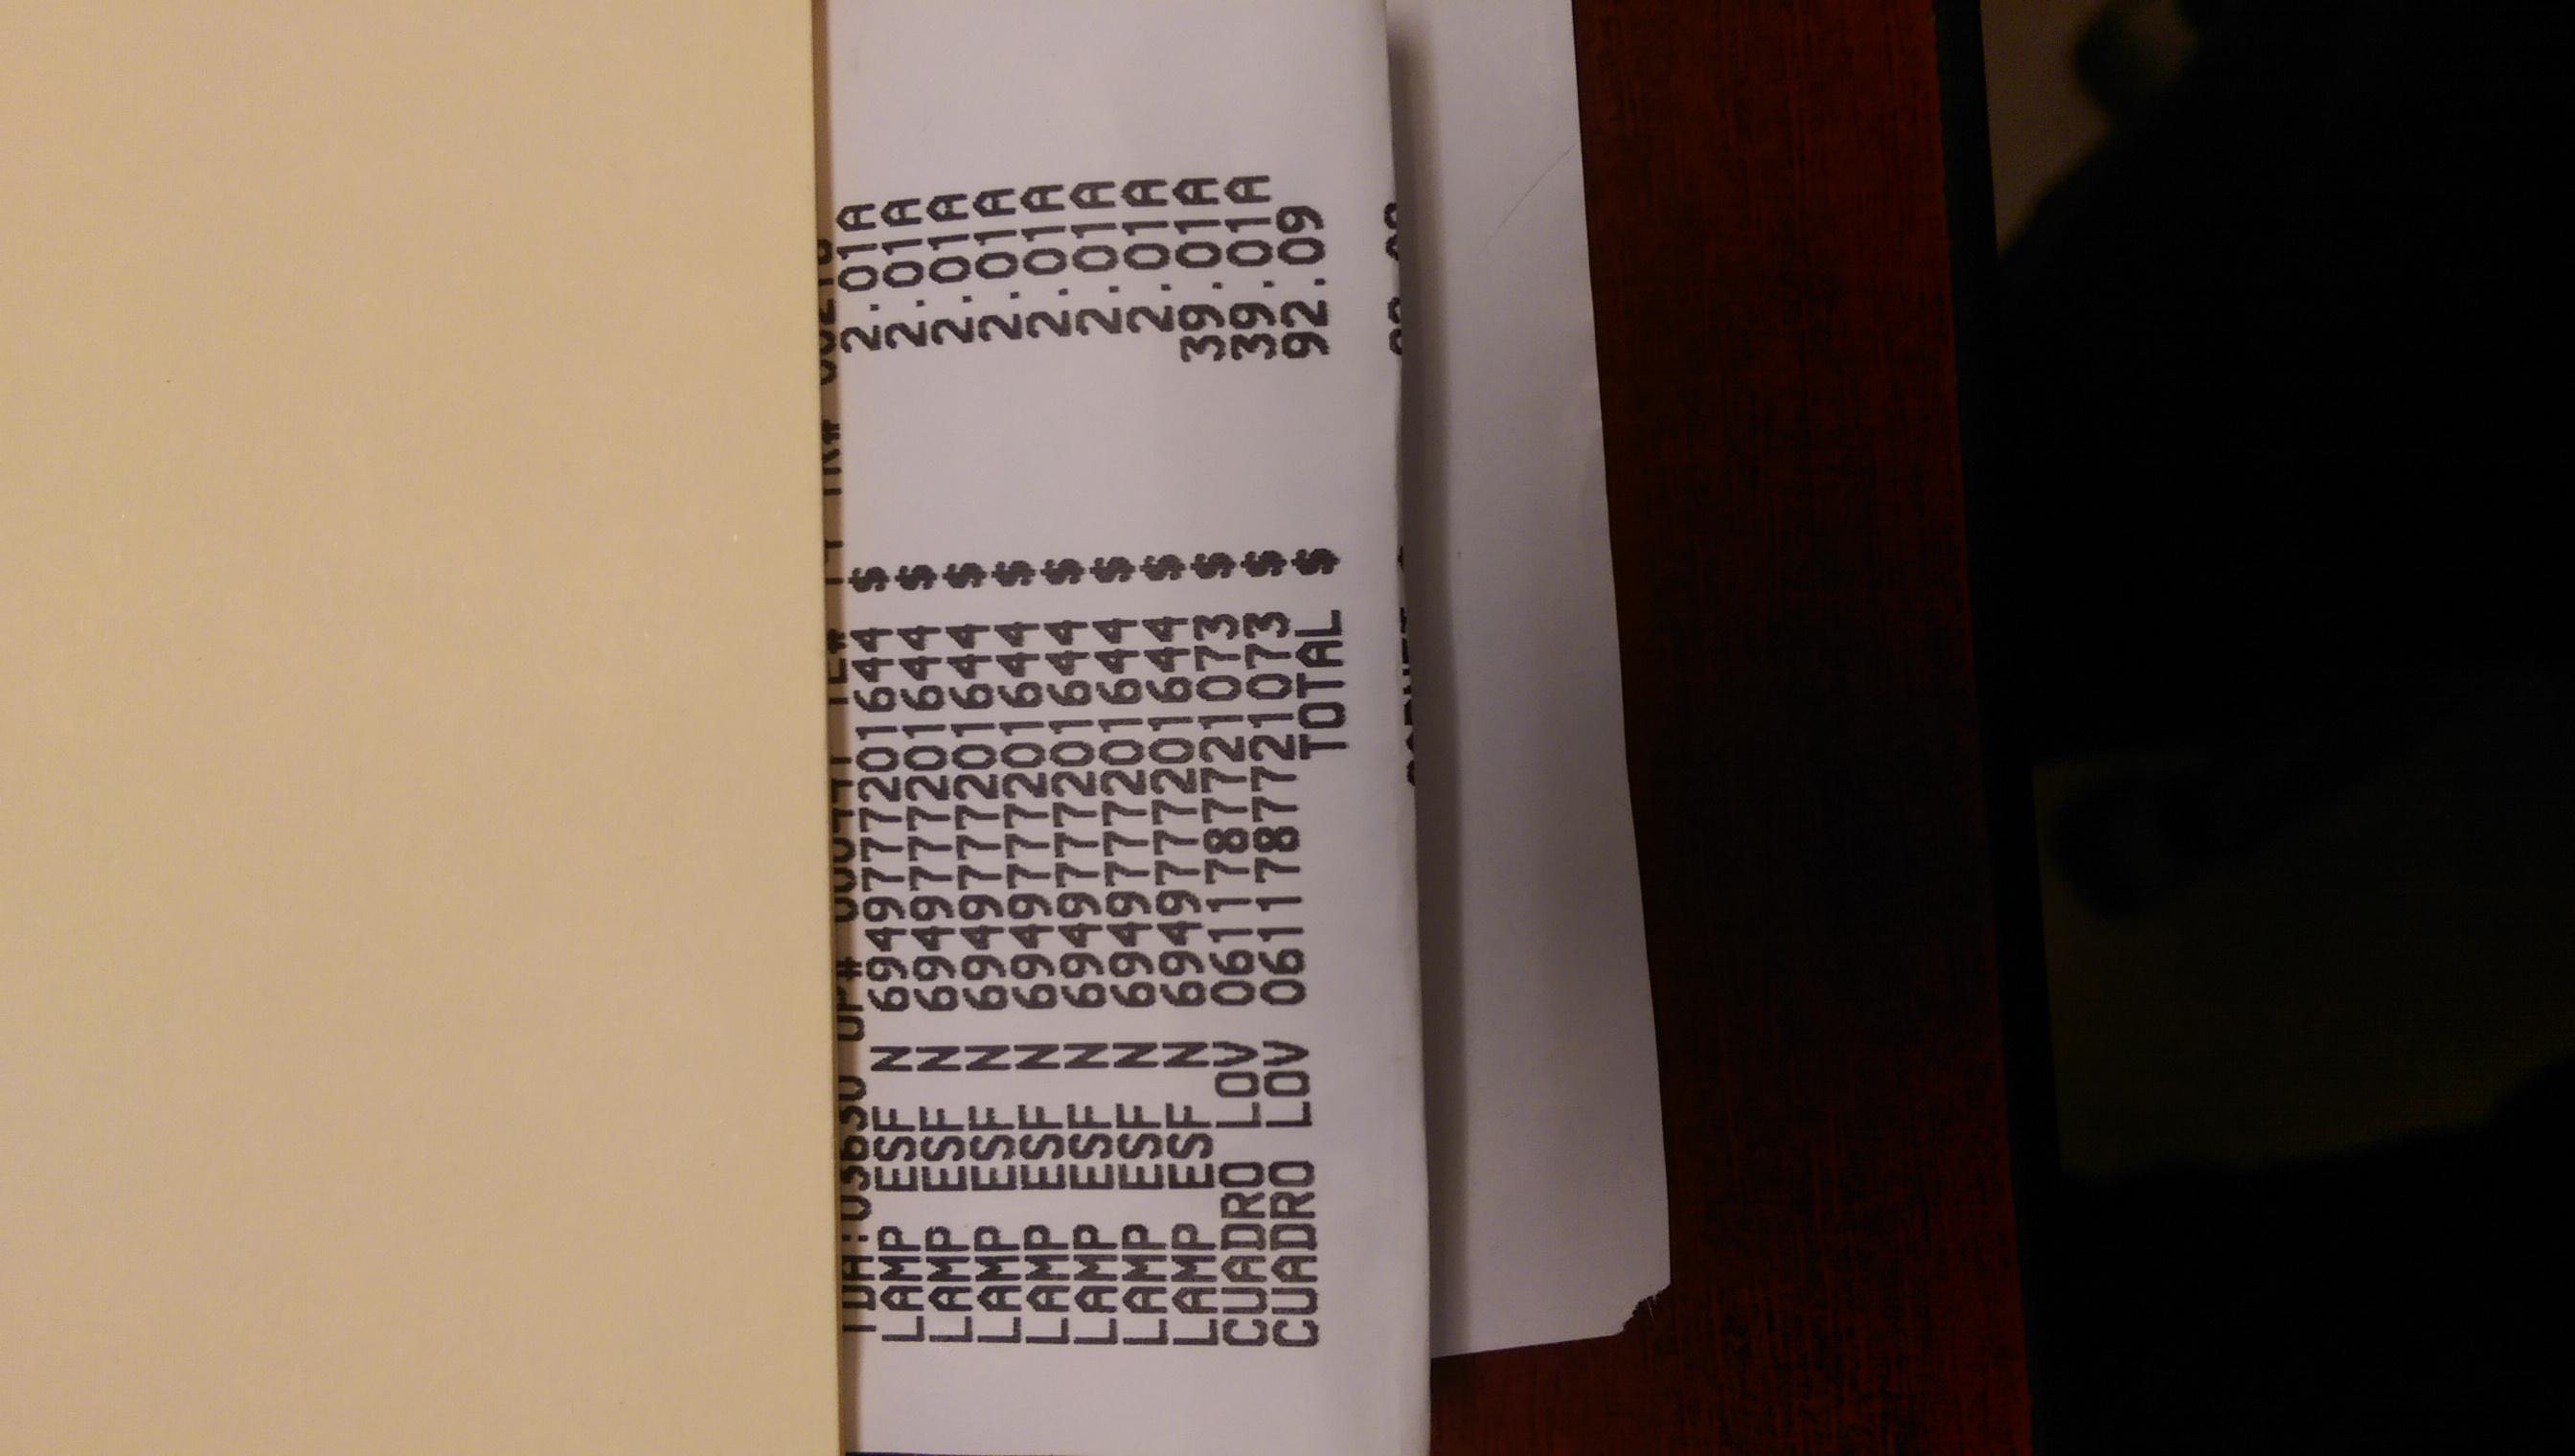 128413.jpg